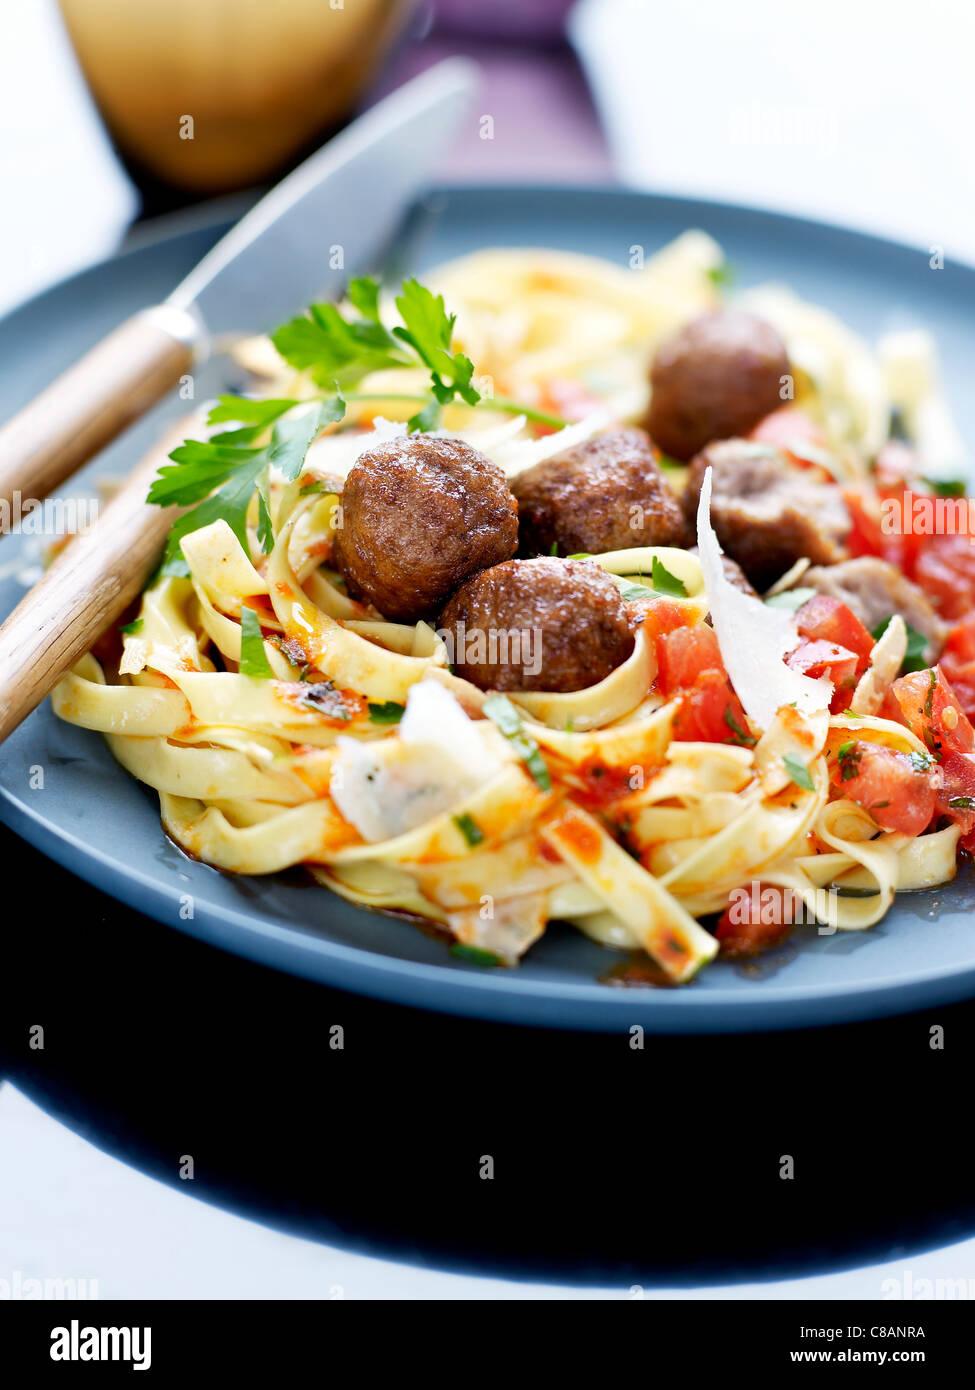 Boulettes de boeuf avec des tagliatelles à la sauce tomate Photo Stock